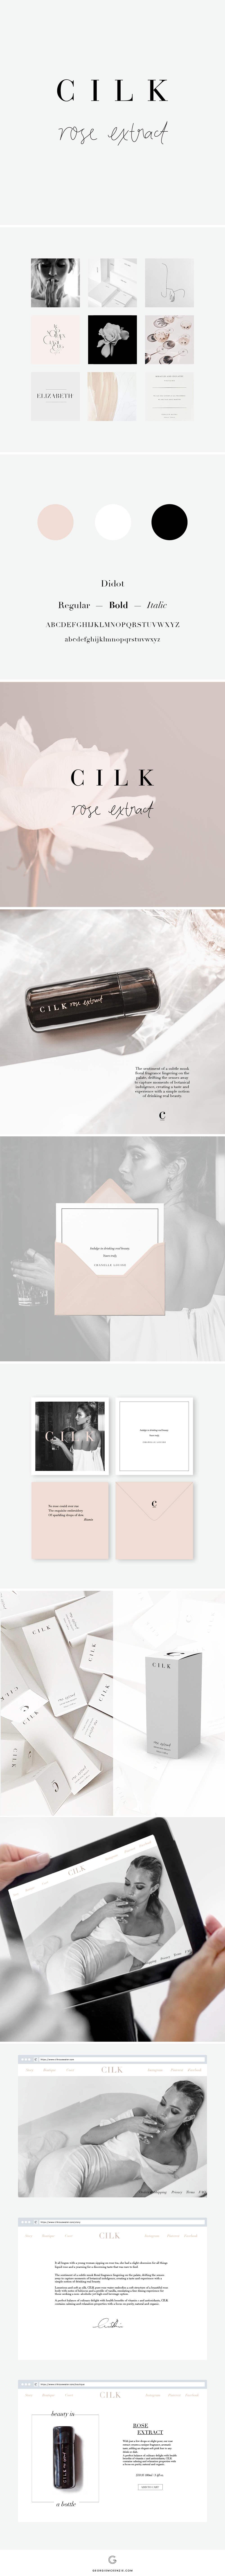 Georgie McKenzie Graphic Design Portfolio — Cilk Rose Extract